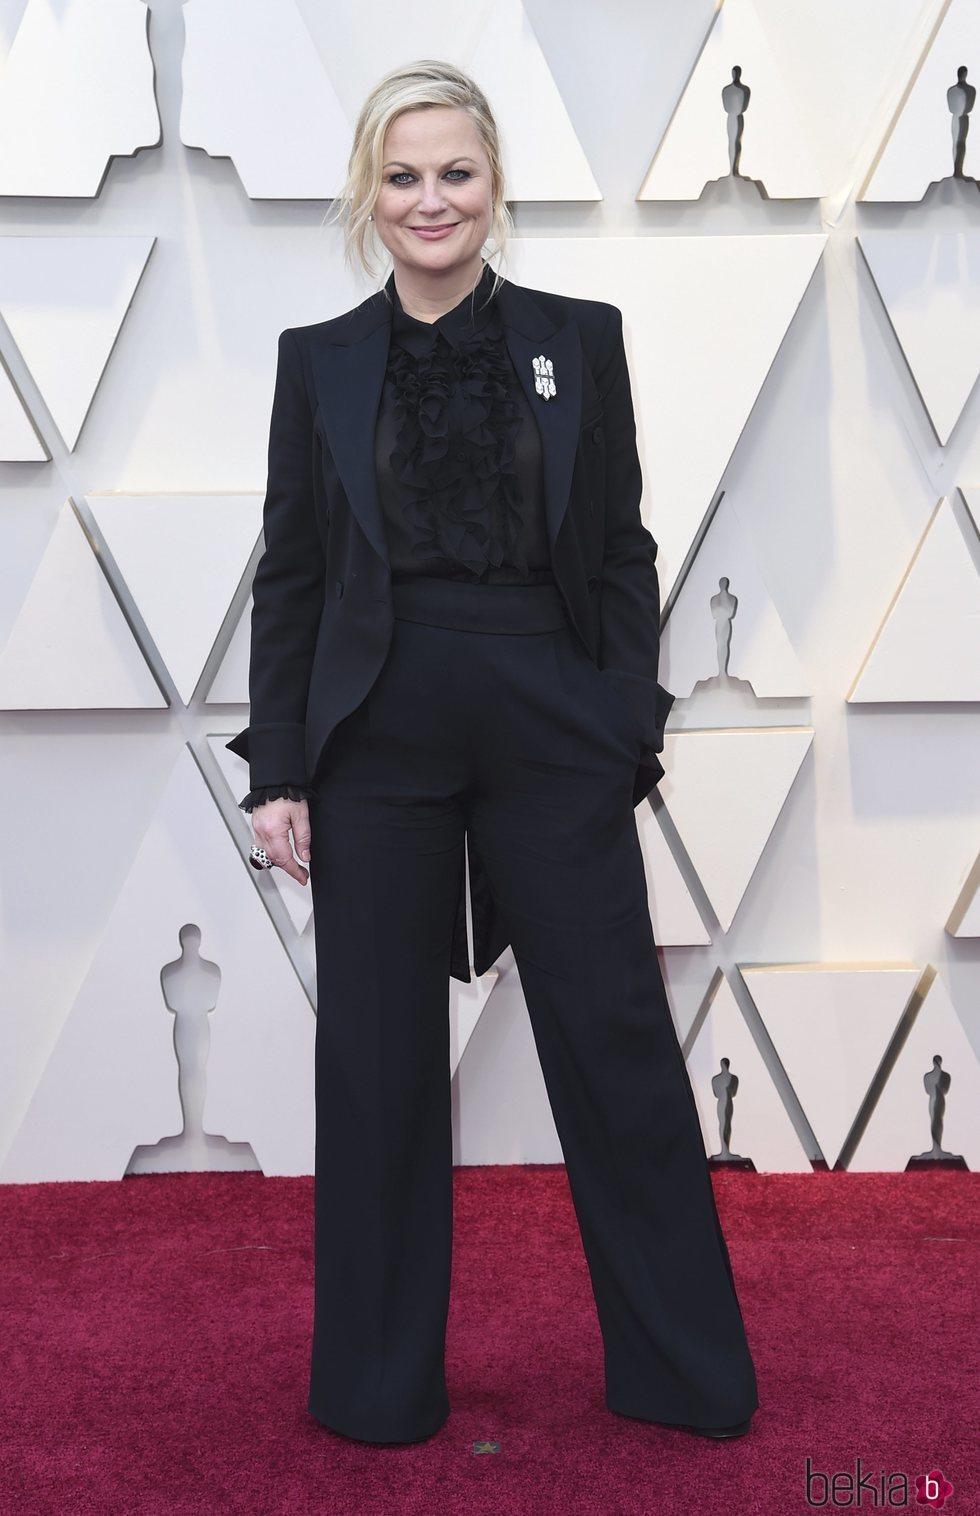 Amy Poehler en la alfombra roja de los Premios Oscar 2019